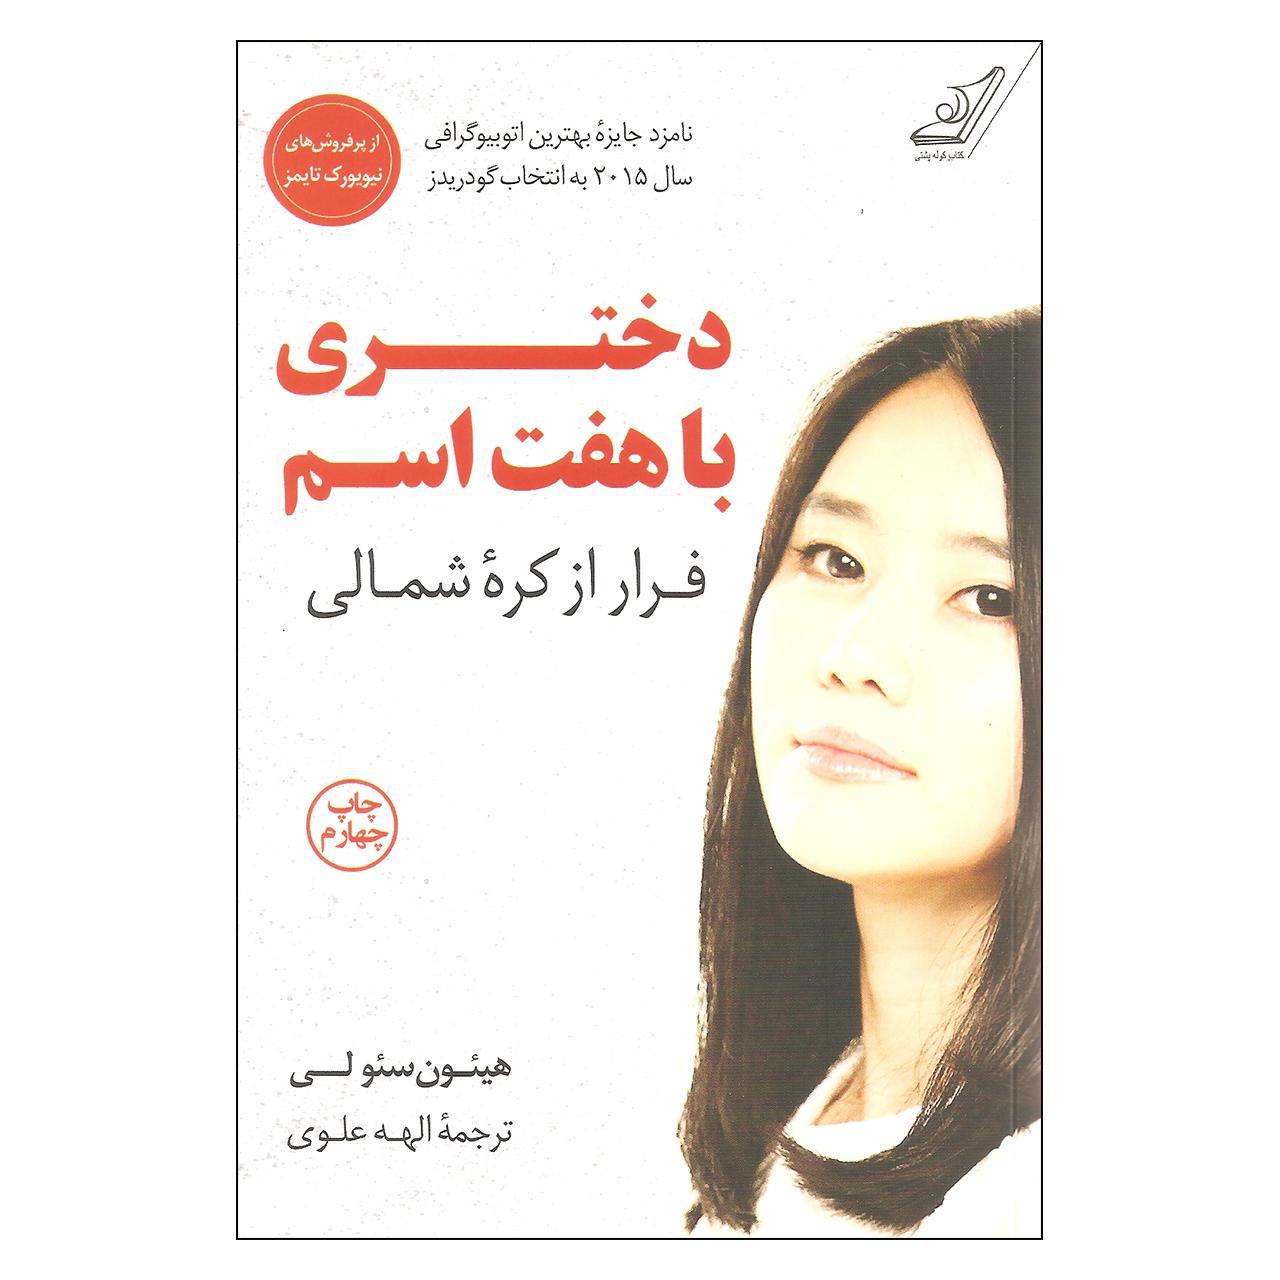 کتاب دختری با هفت اسم اثر هیئون سئو لی نشر کتاب کوله پشتی